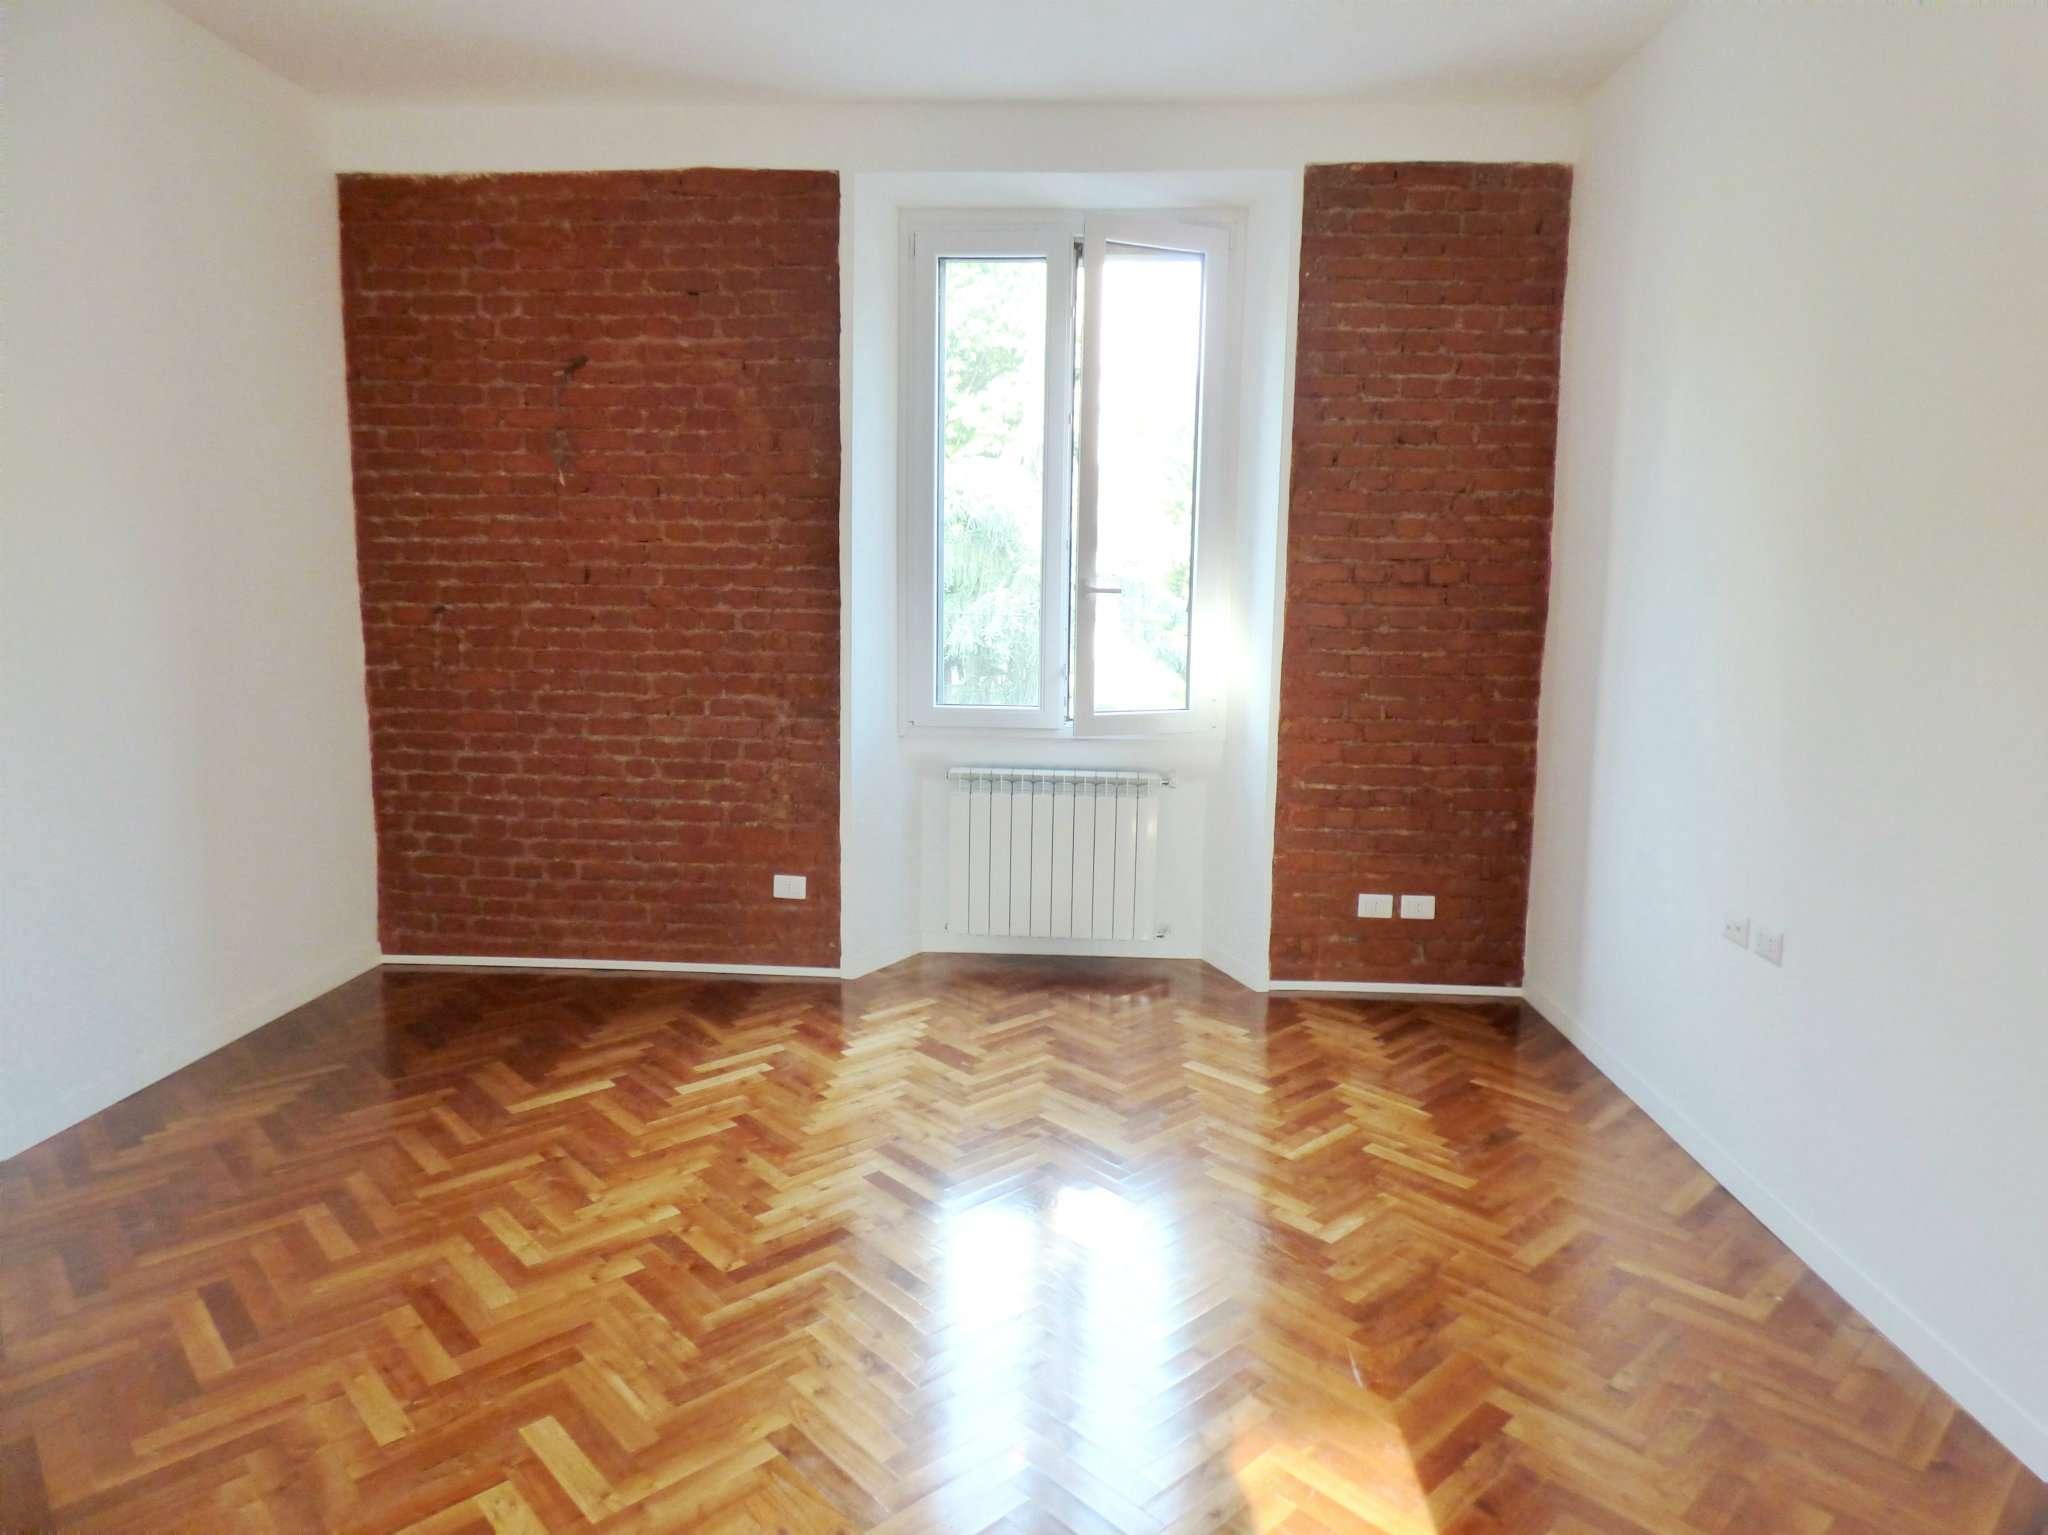 Appartamento in Vendita a Milano 14 Tibaldi / Cermenate / Antonini / Ortles / Bonomelli: 3 locali, 91 mq